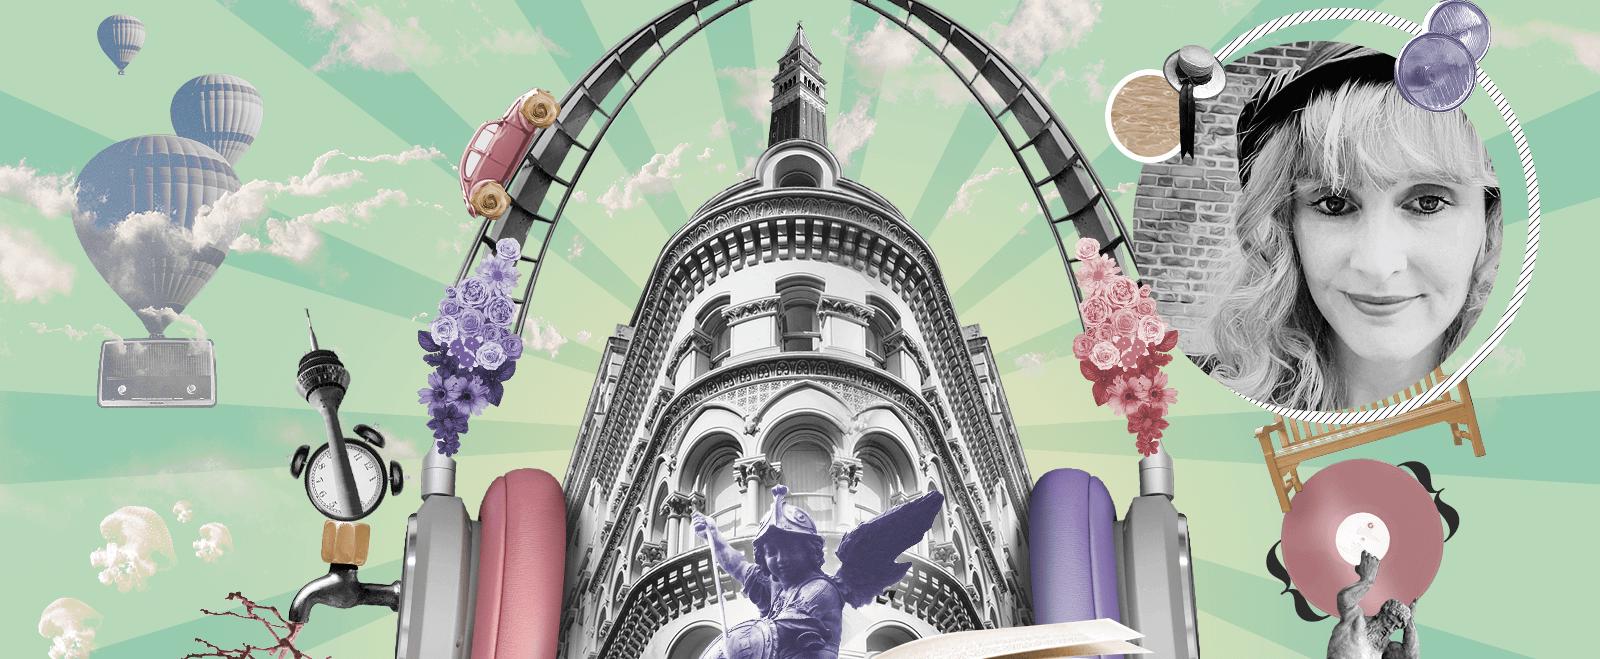 Zine Culture Collage: Anja Reimann, Grafikdesign Düsseldorf